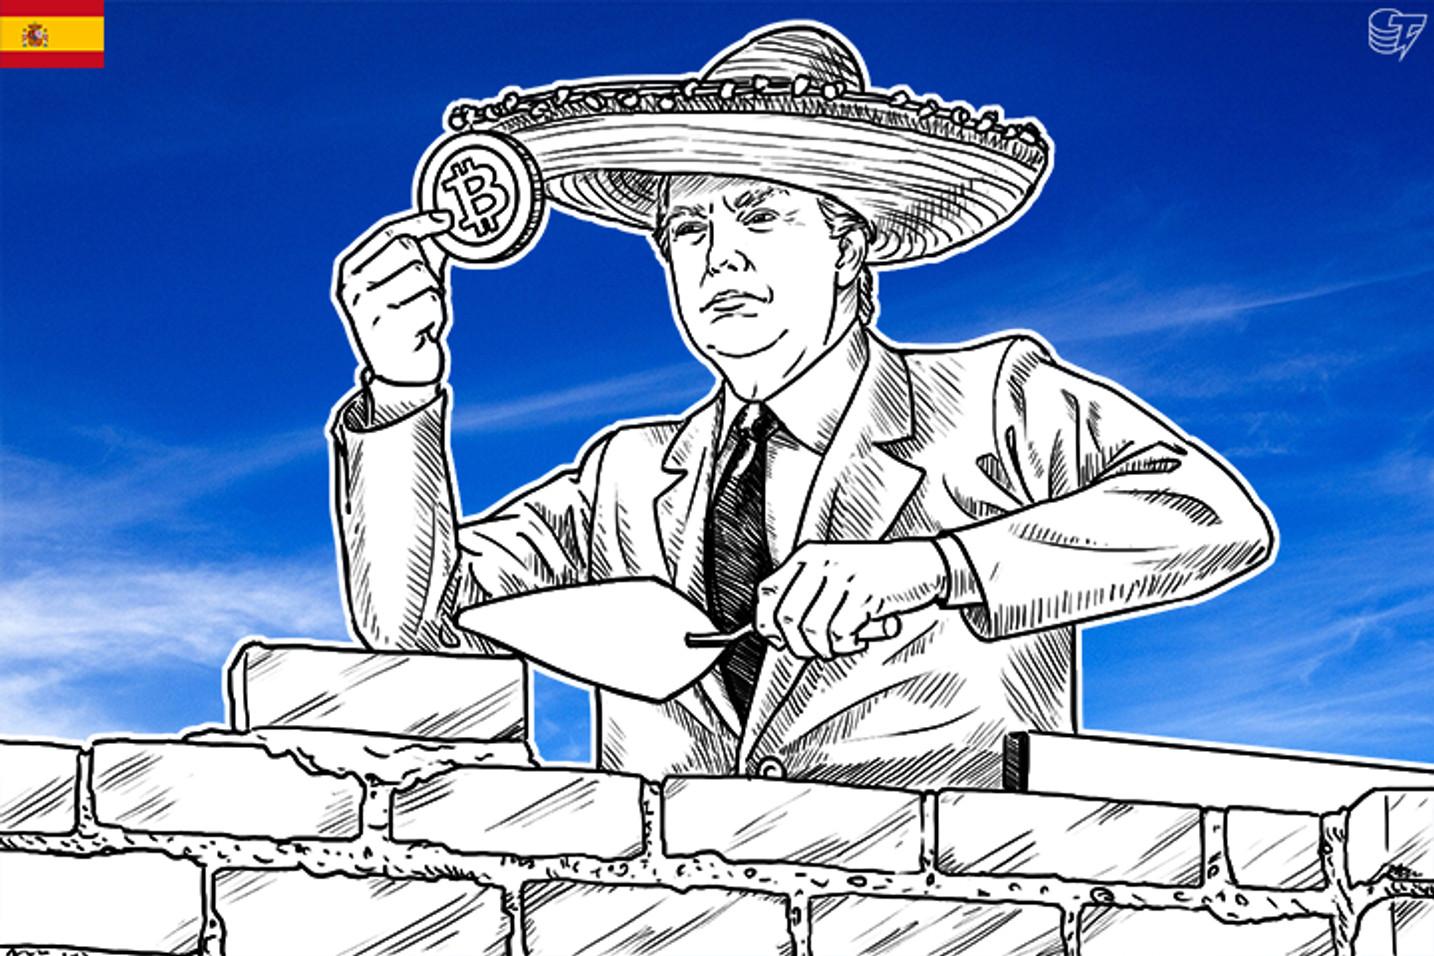 Bitcoin rompe el muro de Donald Trump